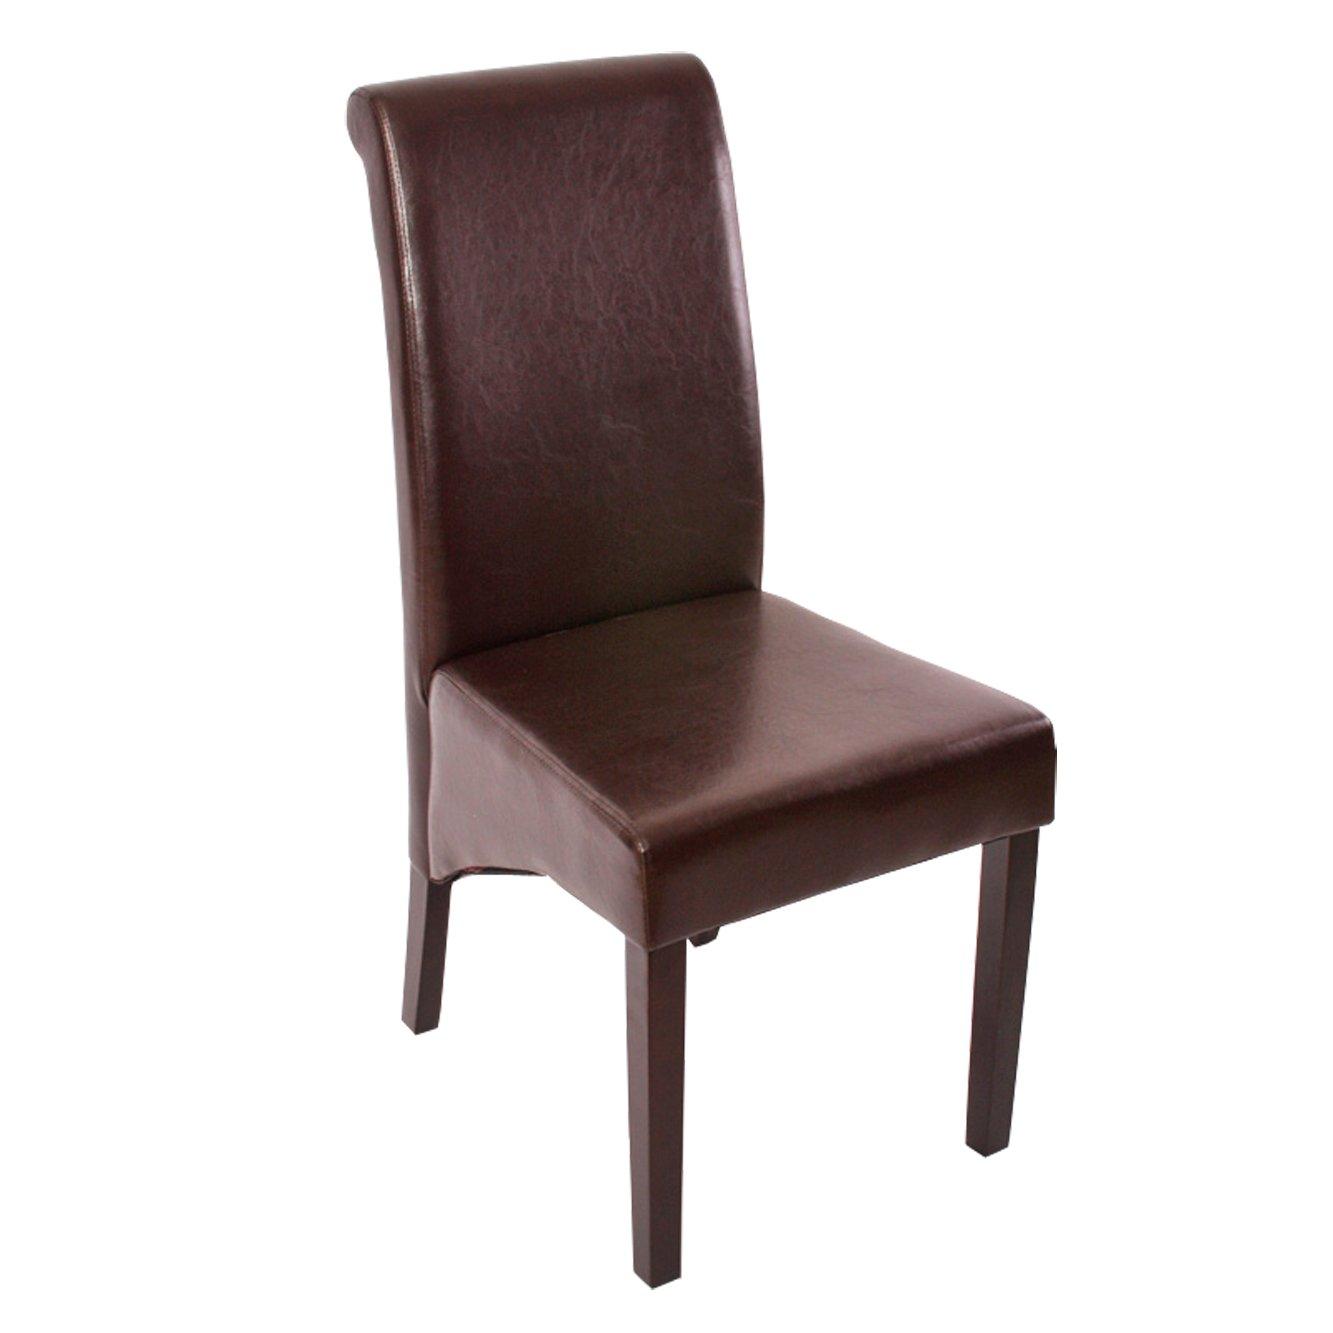 Conjunto de 6 sillas de comedor m37 en cuero color marr n for Sillas de comedor de cuero